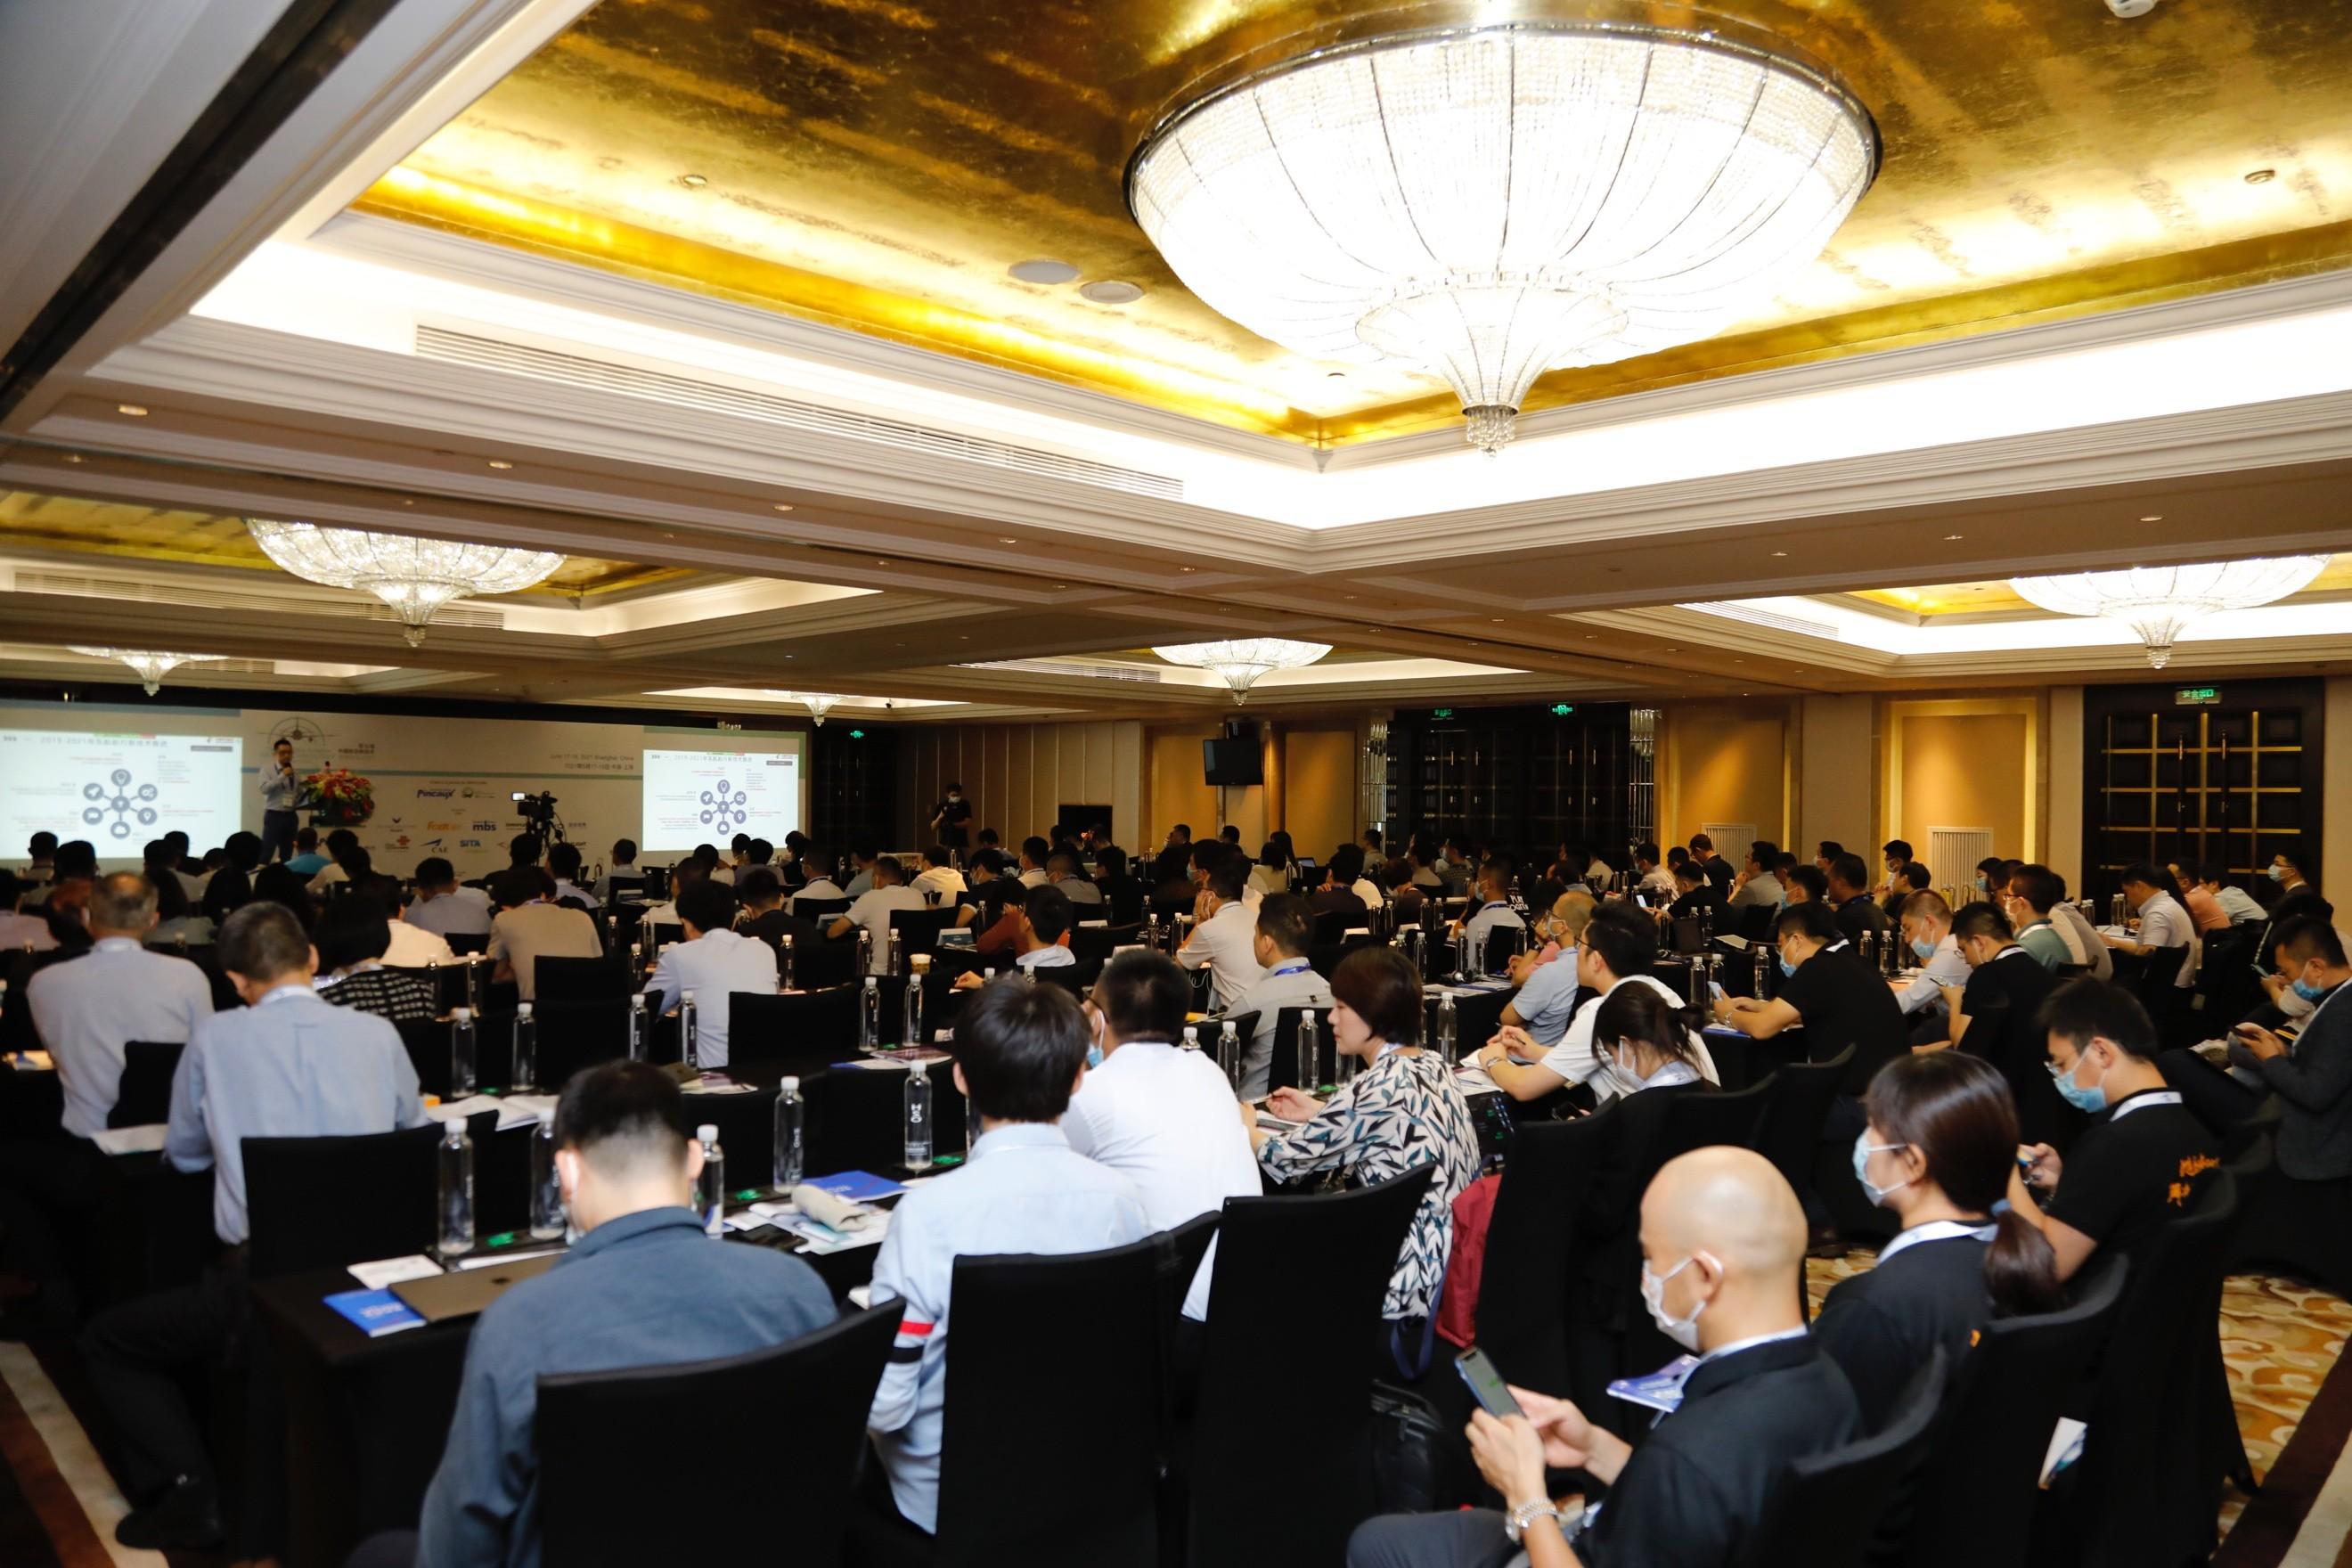 vivo智慧航空解决方案首次亮相中国航空新技术发展论坛